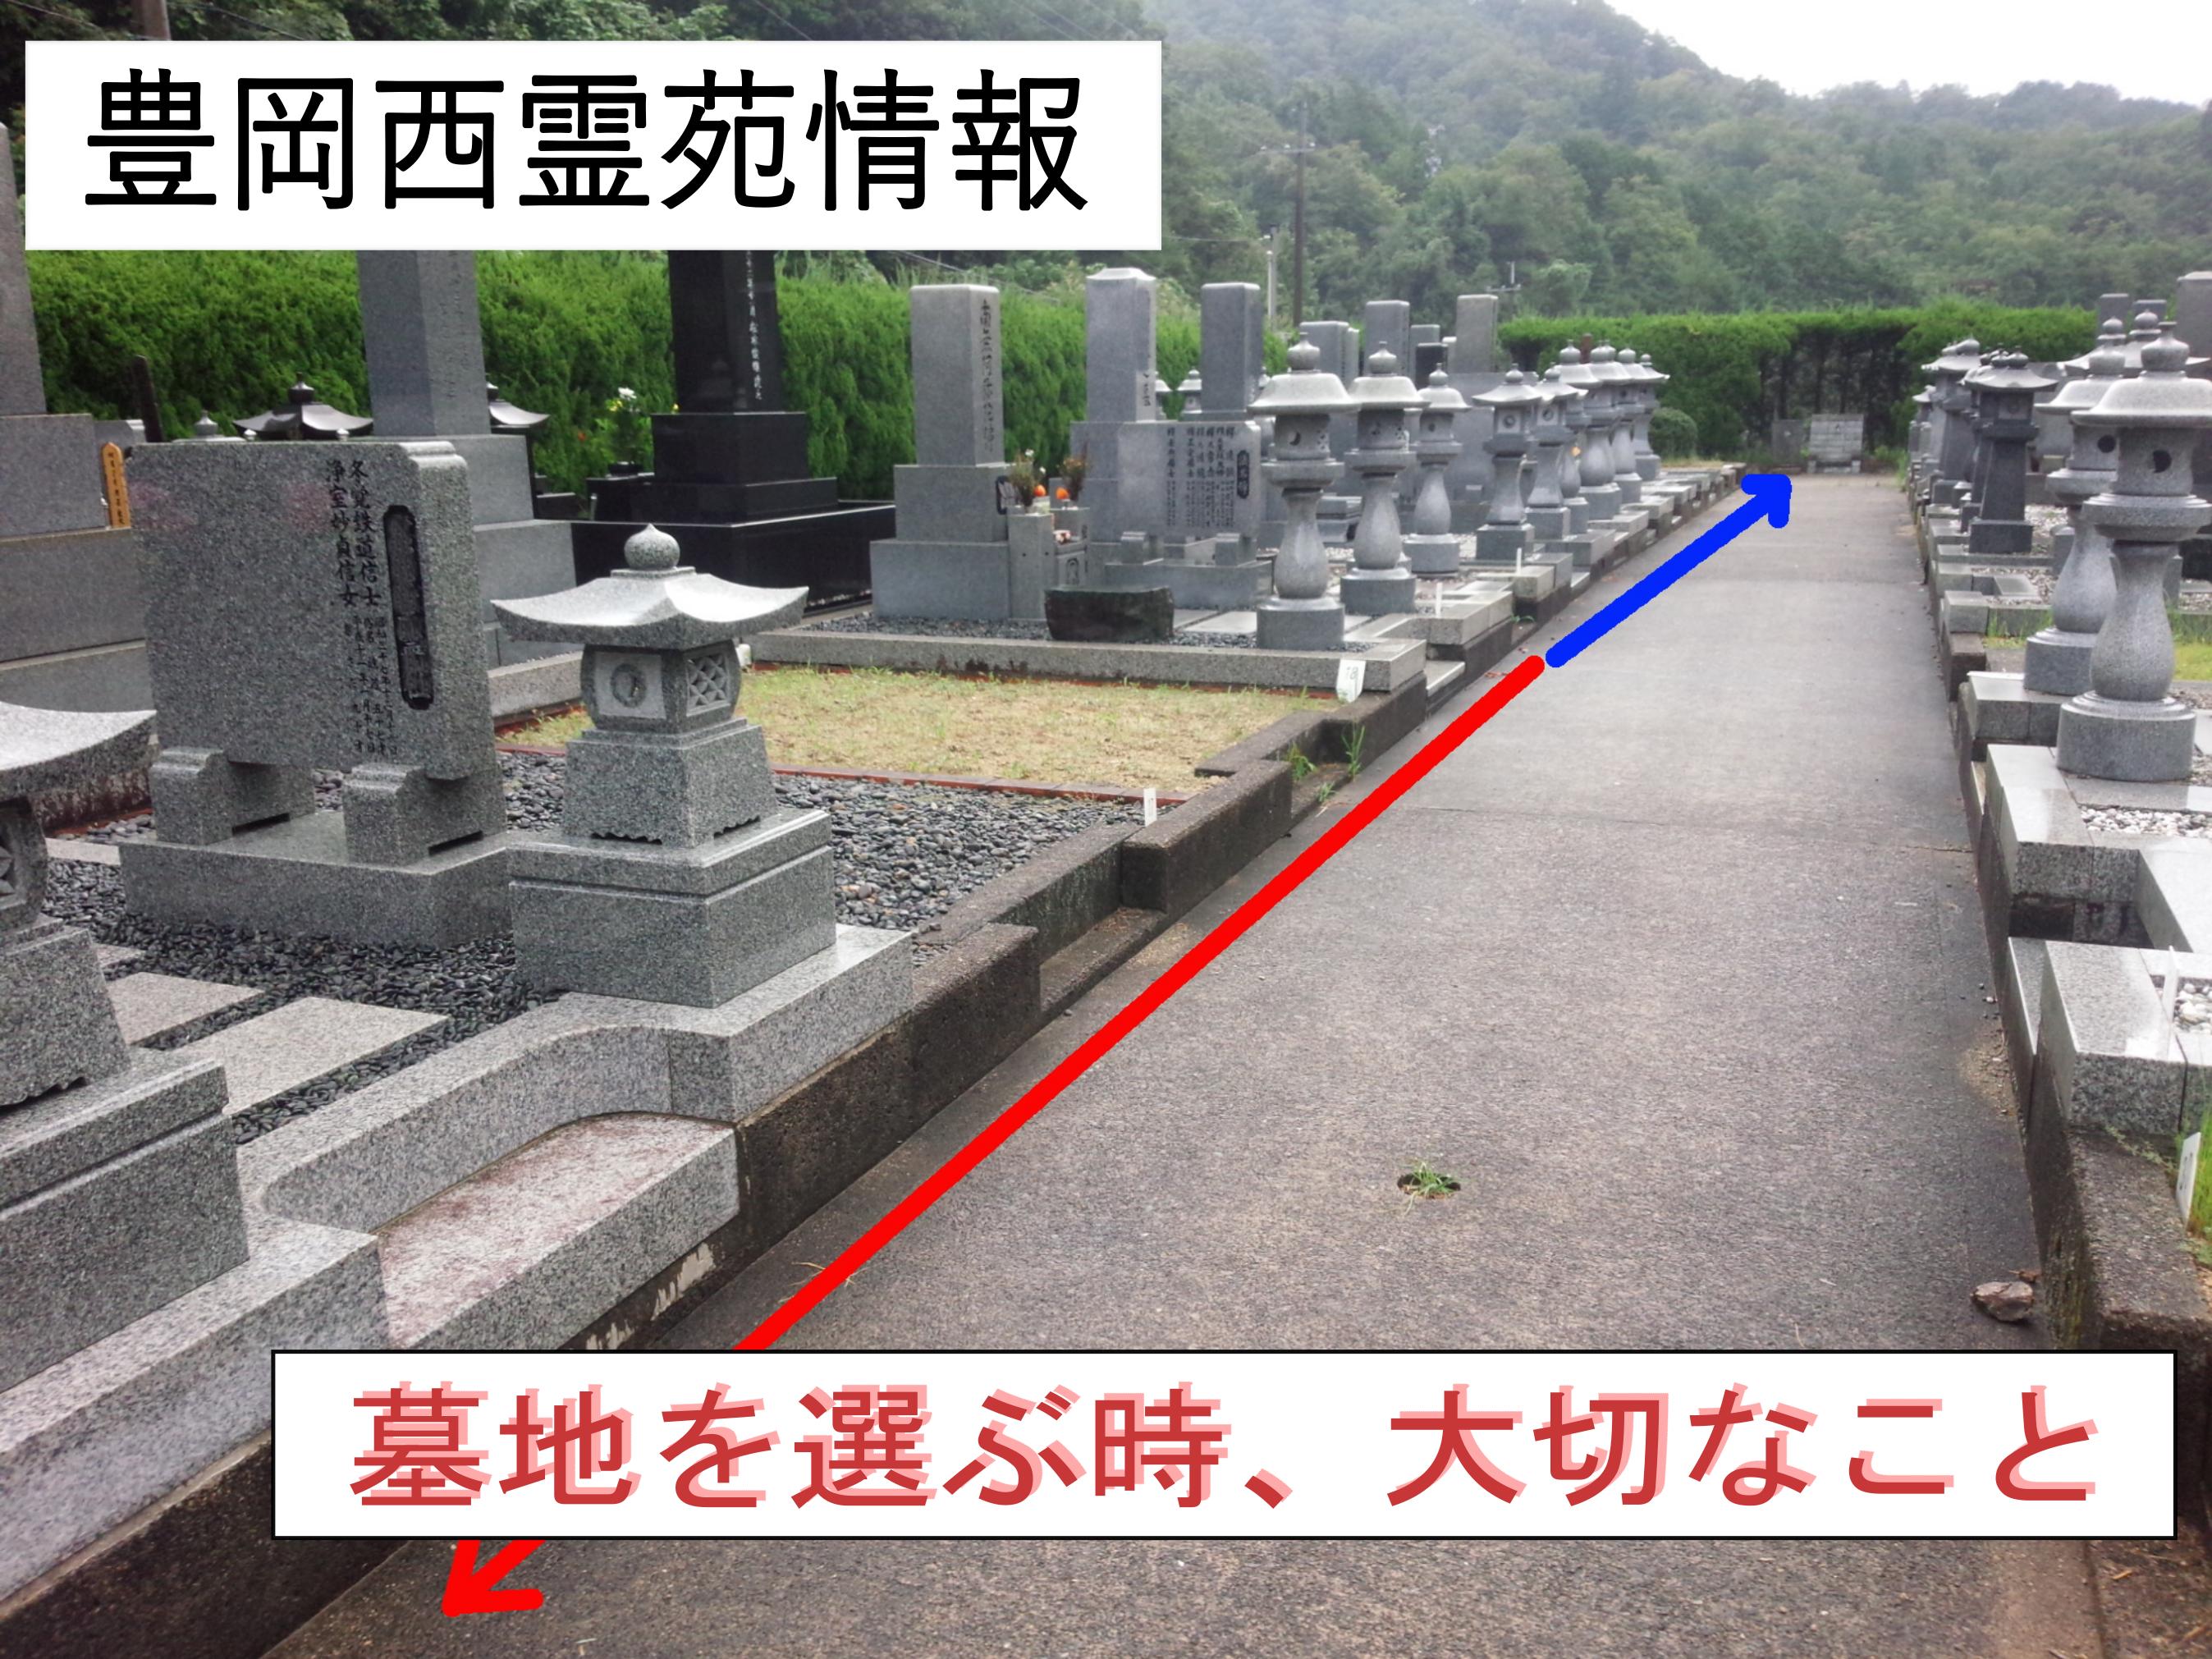 墓地を選ぶとき、だいじなこと